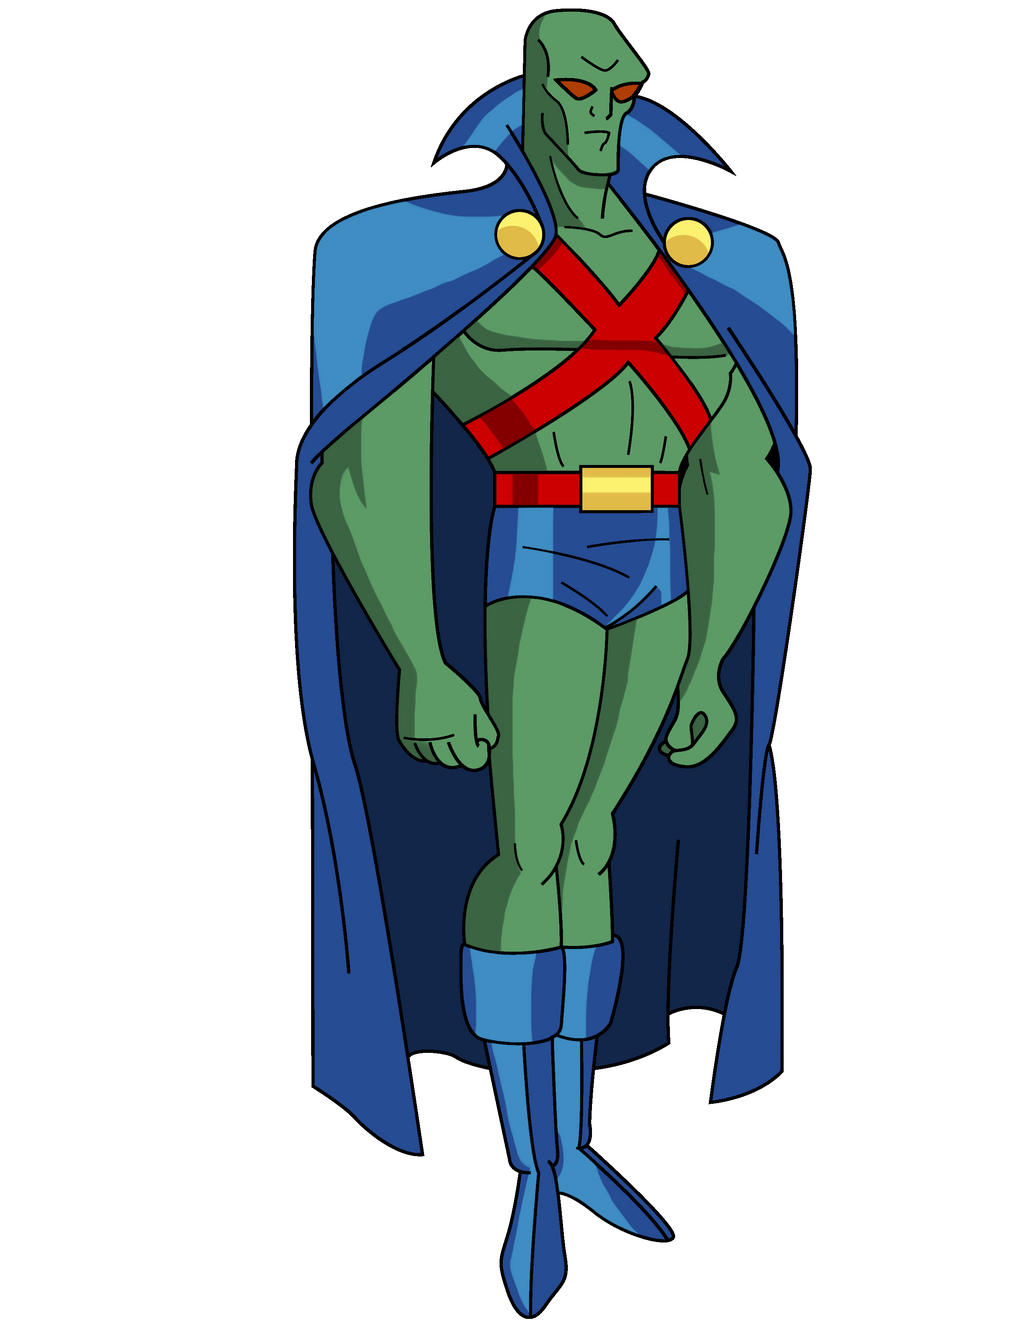 Martian Manhunter By Thomascasallas On Deviantart Martian Manhunter Martian Manhunter Justice League Marvel Comics Vintage